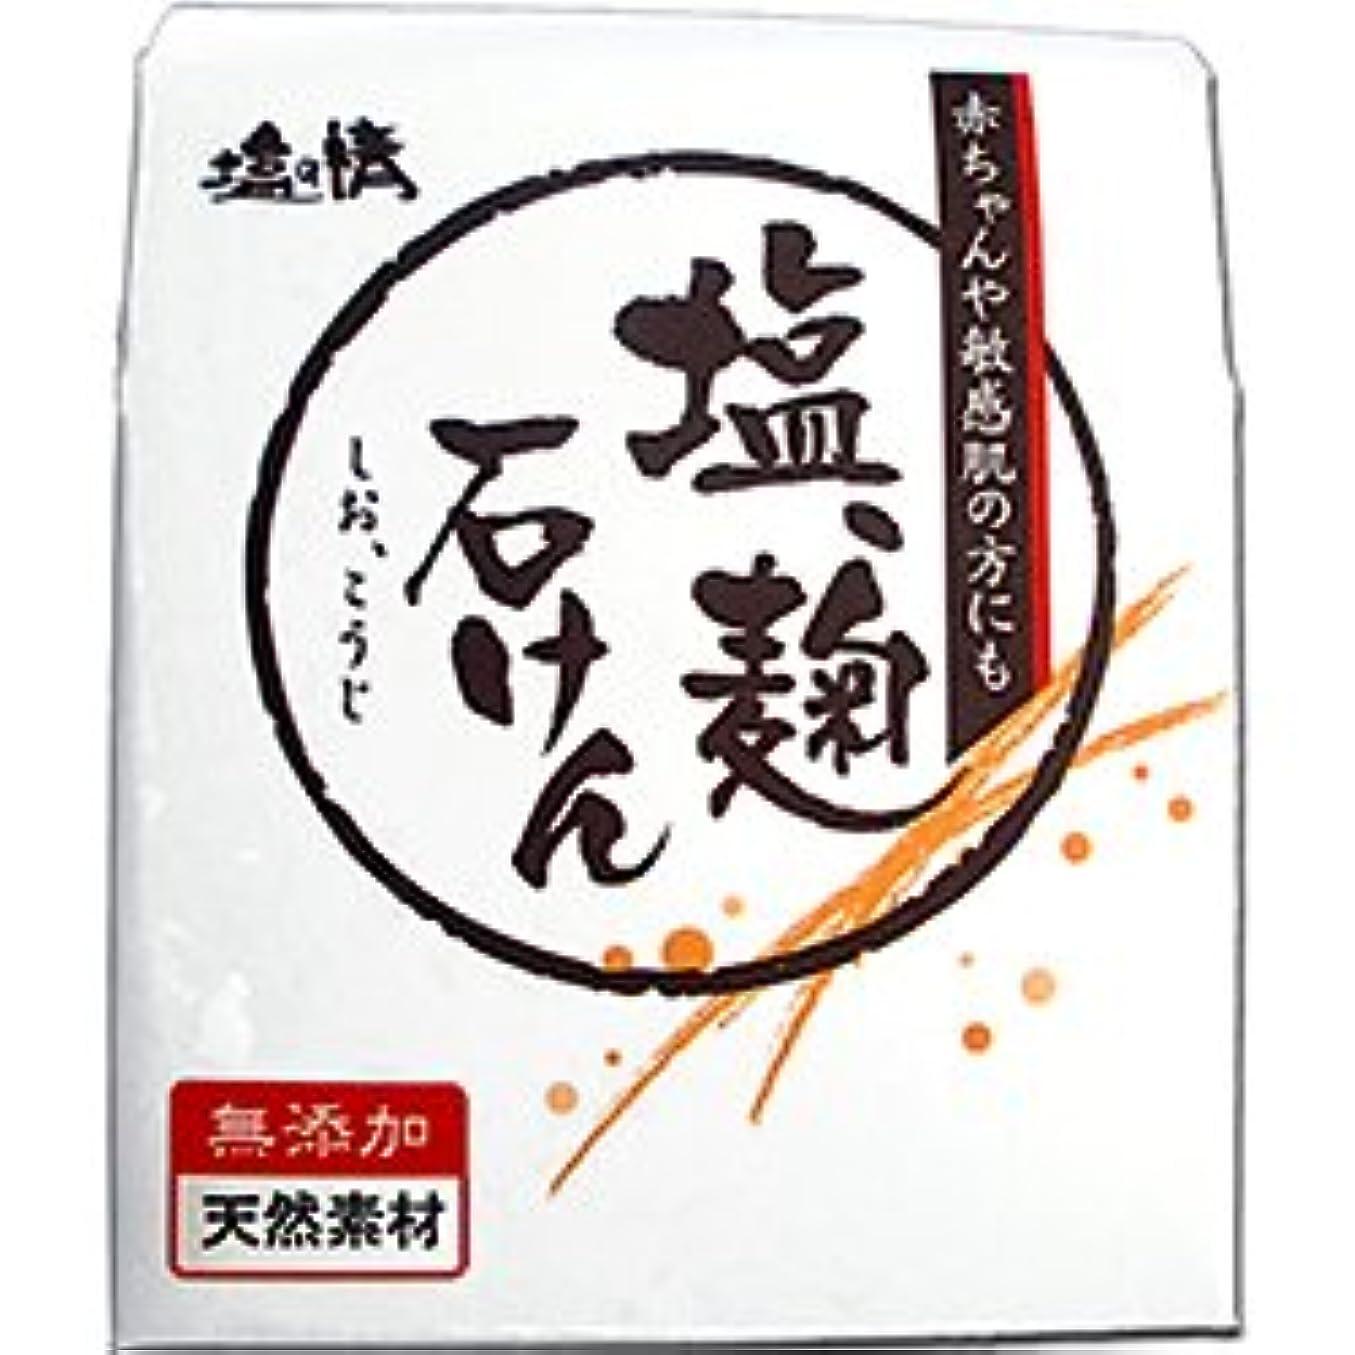 【ダイムヘルスケア】塩の精 塩、麹石けん(しお、こうじせっけん) 無添加?天然素材 80g ×5個セット